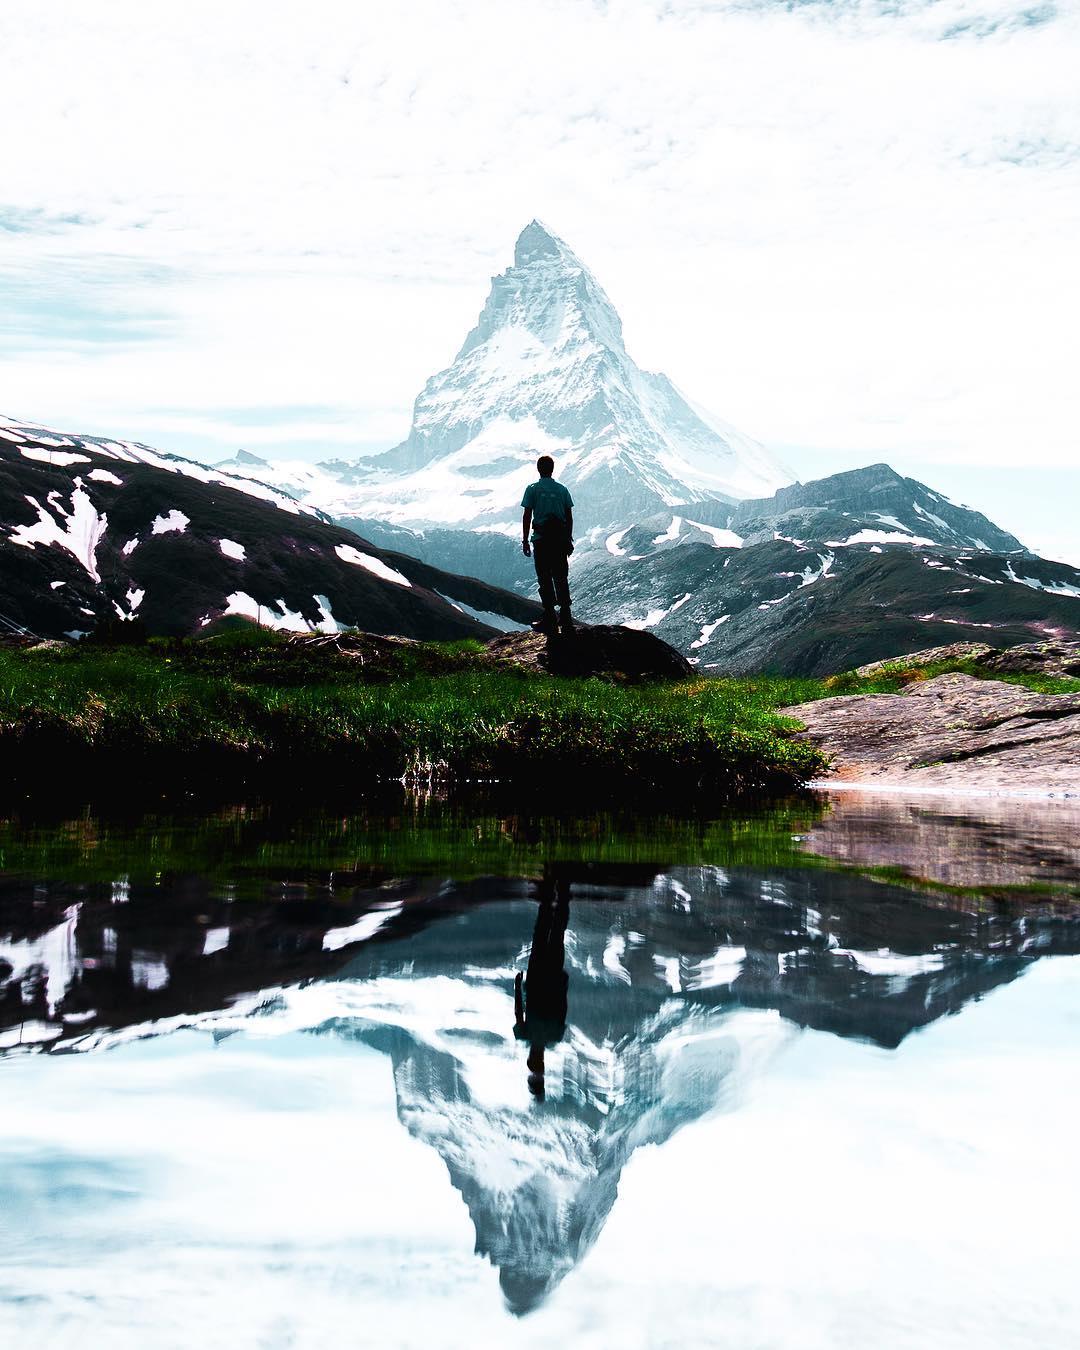 Пейзажи и путешествия от Маркуса Магнберга